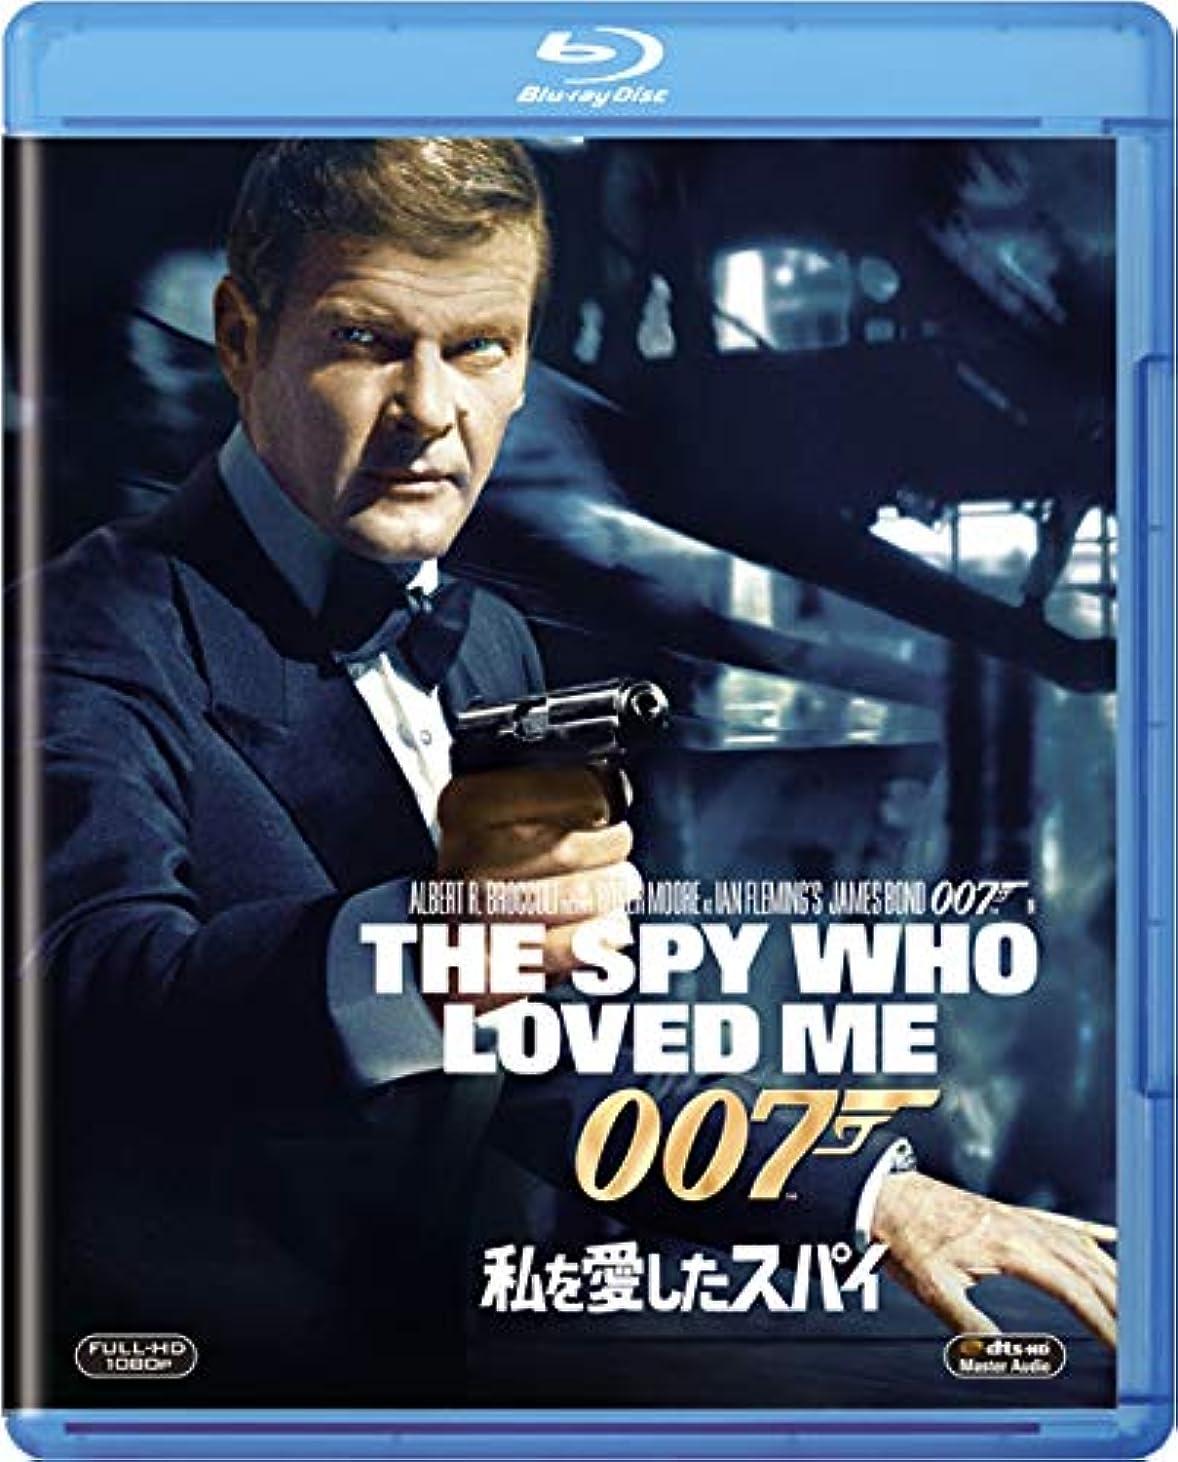 におい組み込む最近私を愛したスパイ [AmazonDVDコレクション] [Blu-ray]